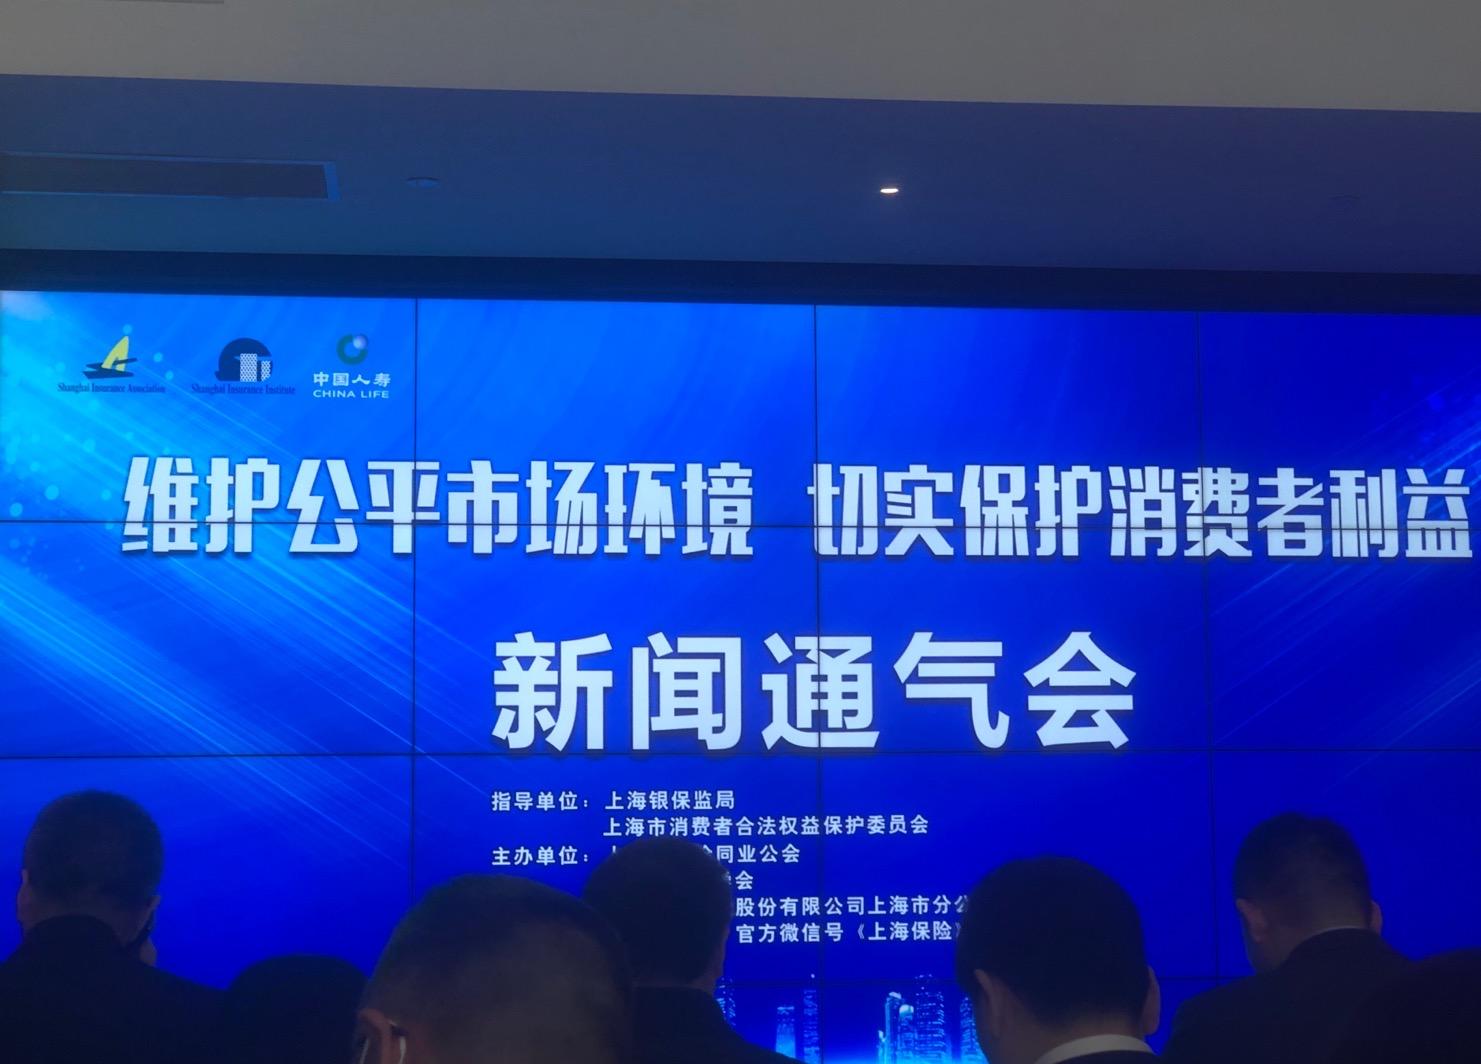 上海:去年共抓获保险领域犯罪嫌疑人188人,涉案近亿元 第1张